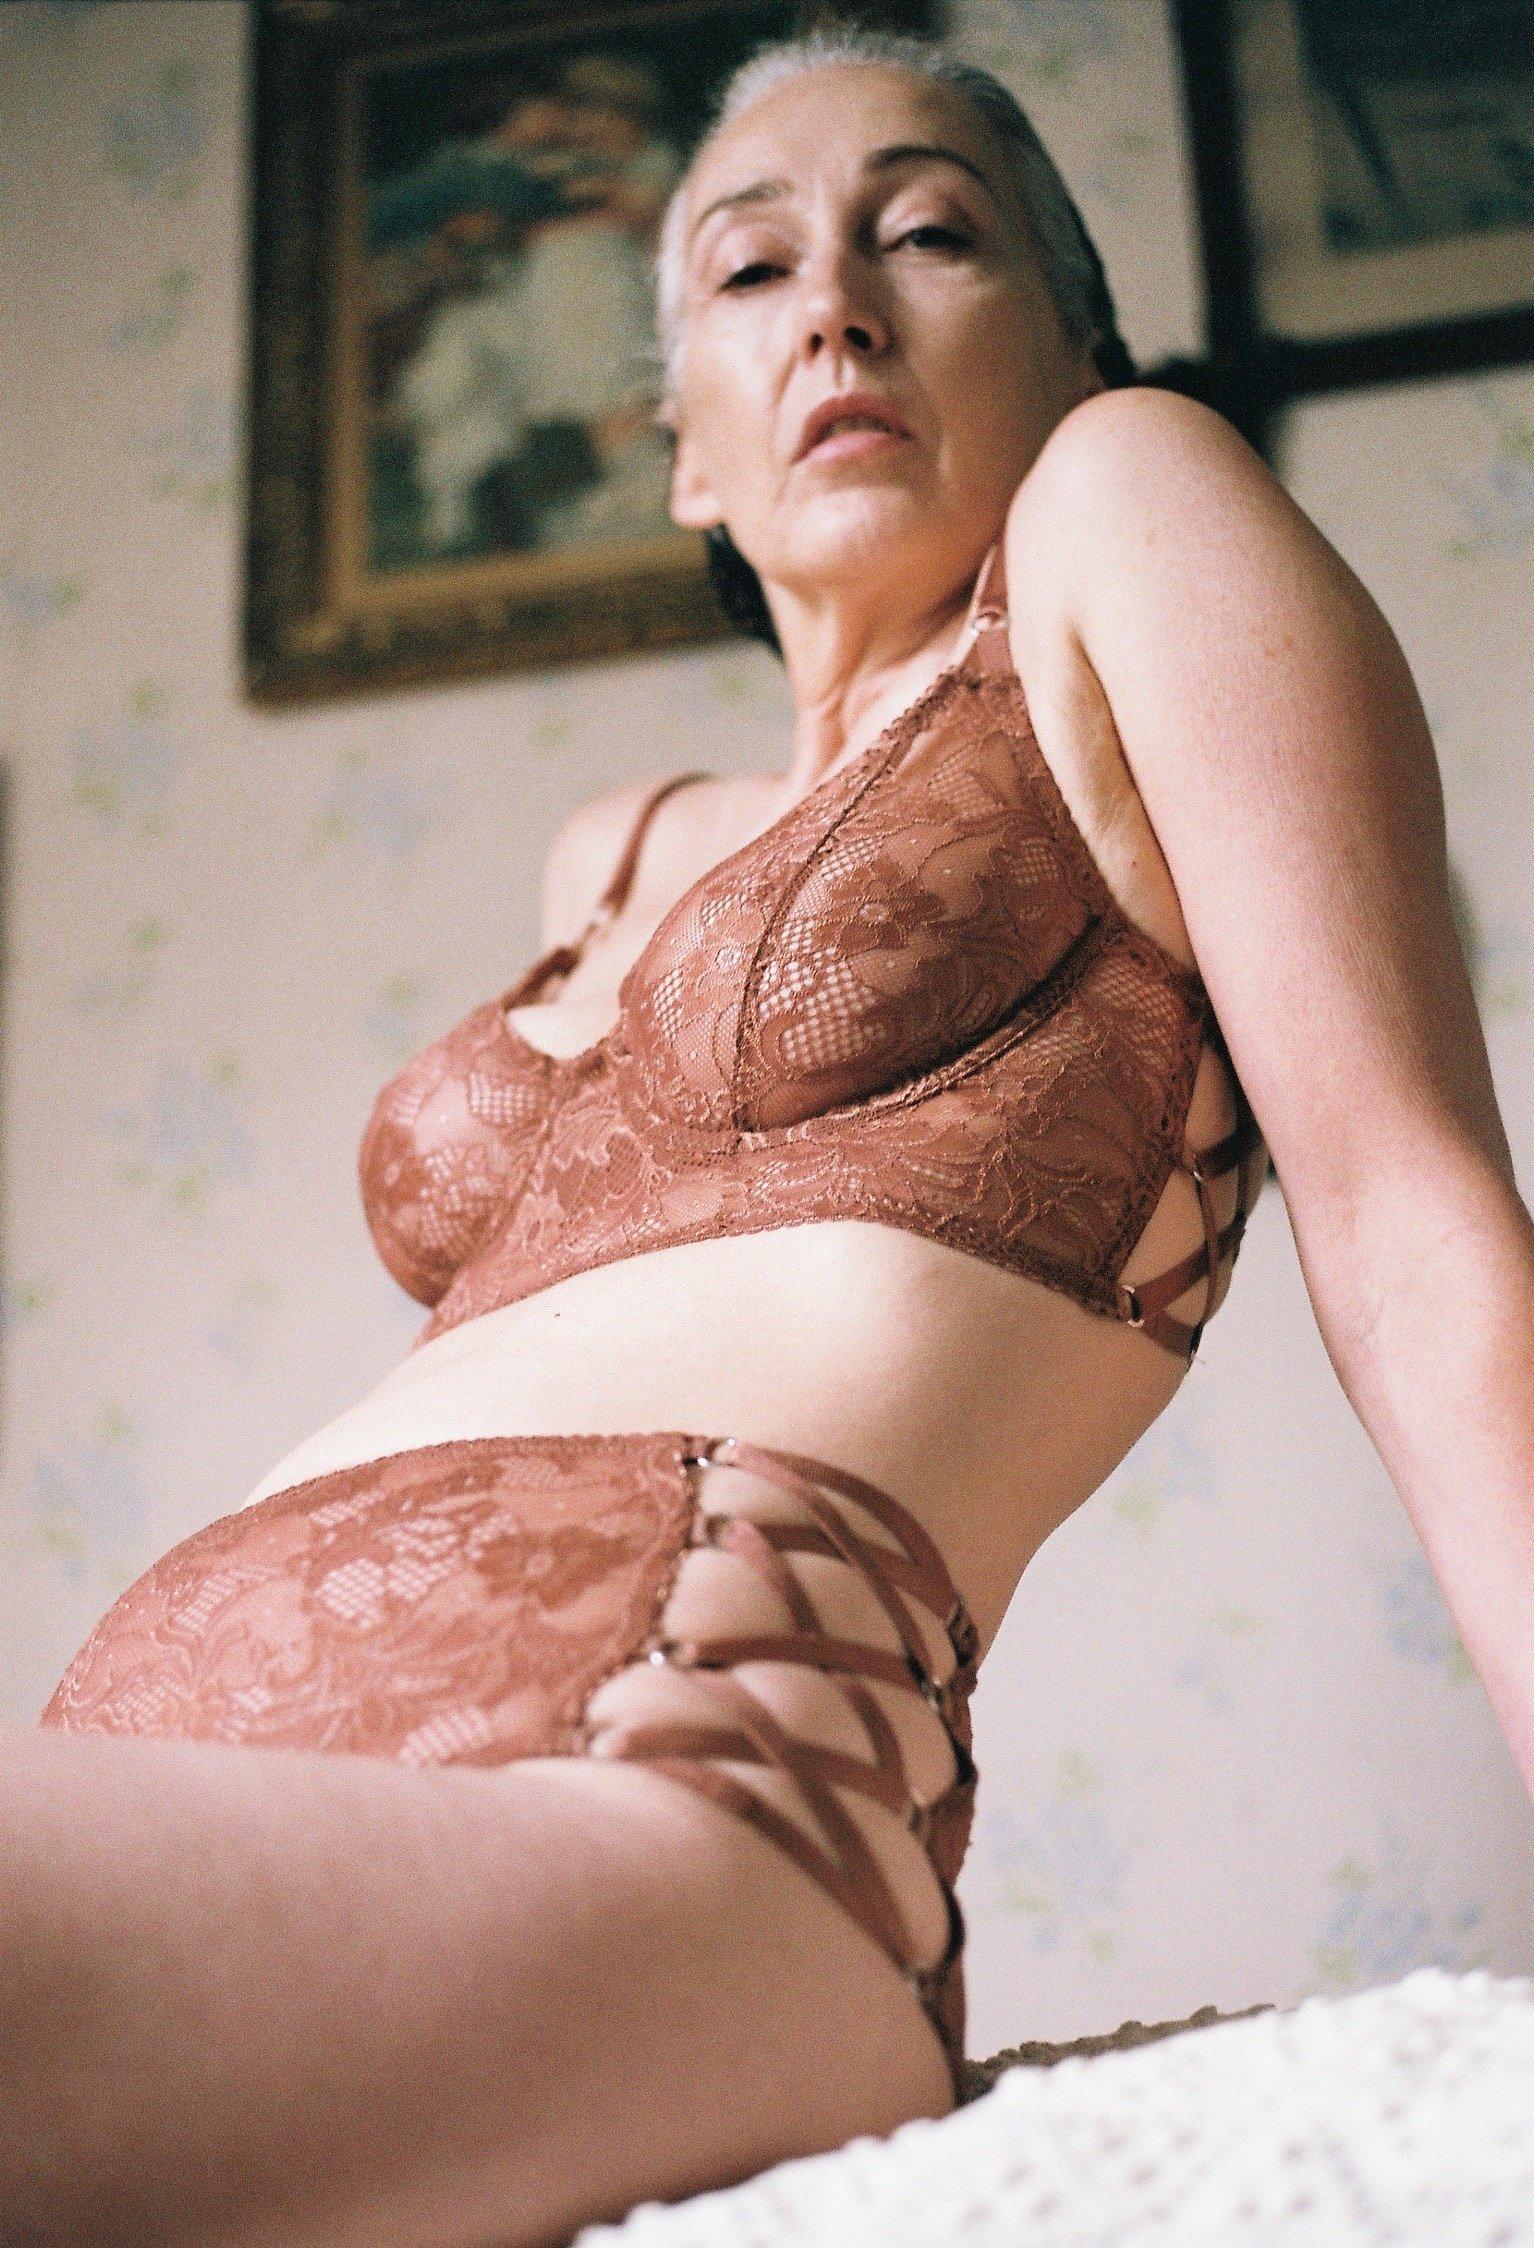 Sexy ass mature women